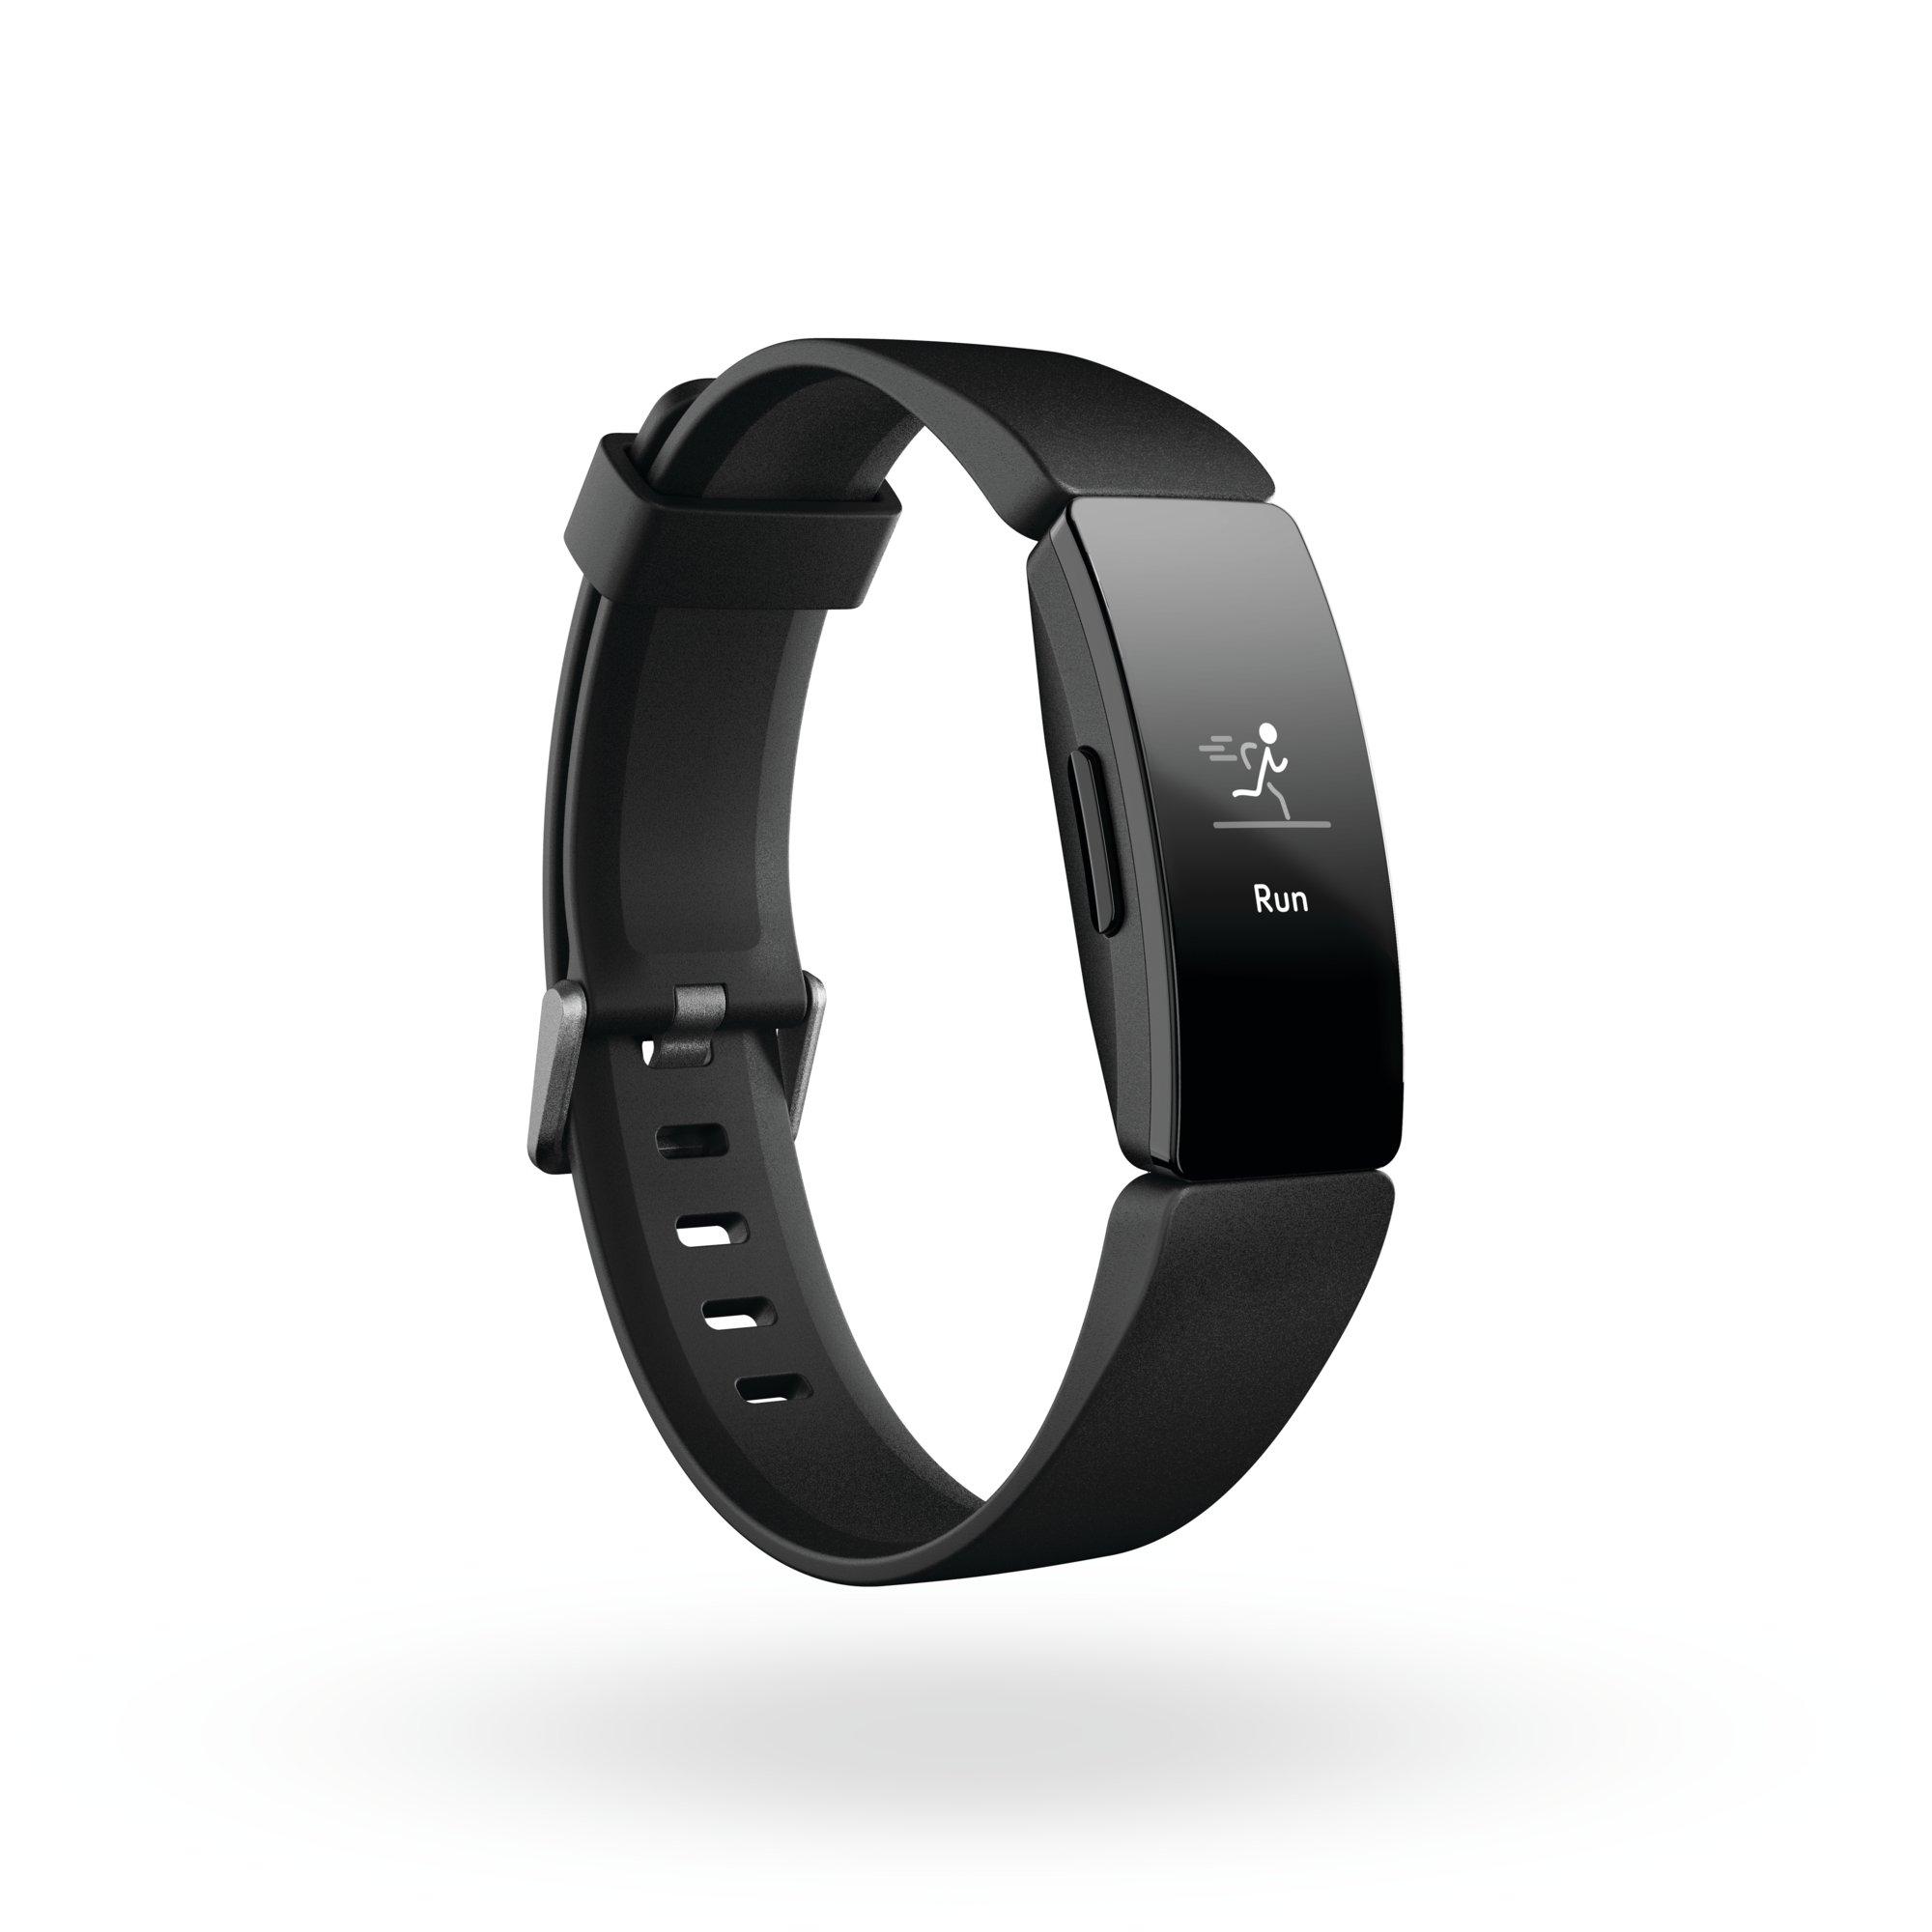 Best pris på Fitbit Charge 2 Special Edition Aktivitetsmåler